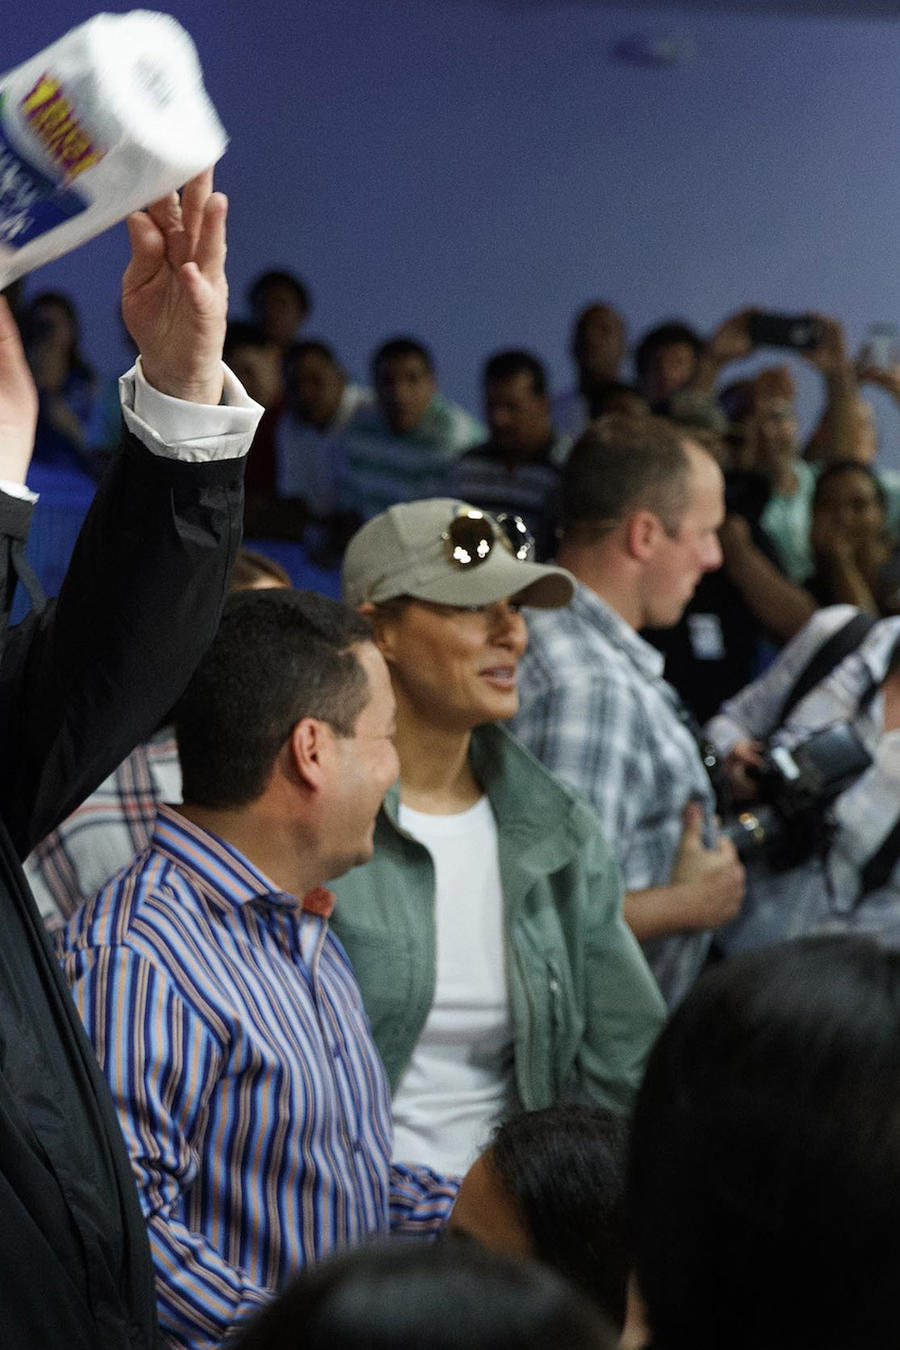 Trump lanza toallas de papel a una multitud de puertorriqueños el 3 de octubre durante su visita a la isla trasl el huracán María.